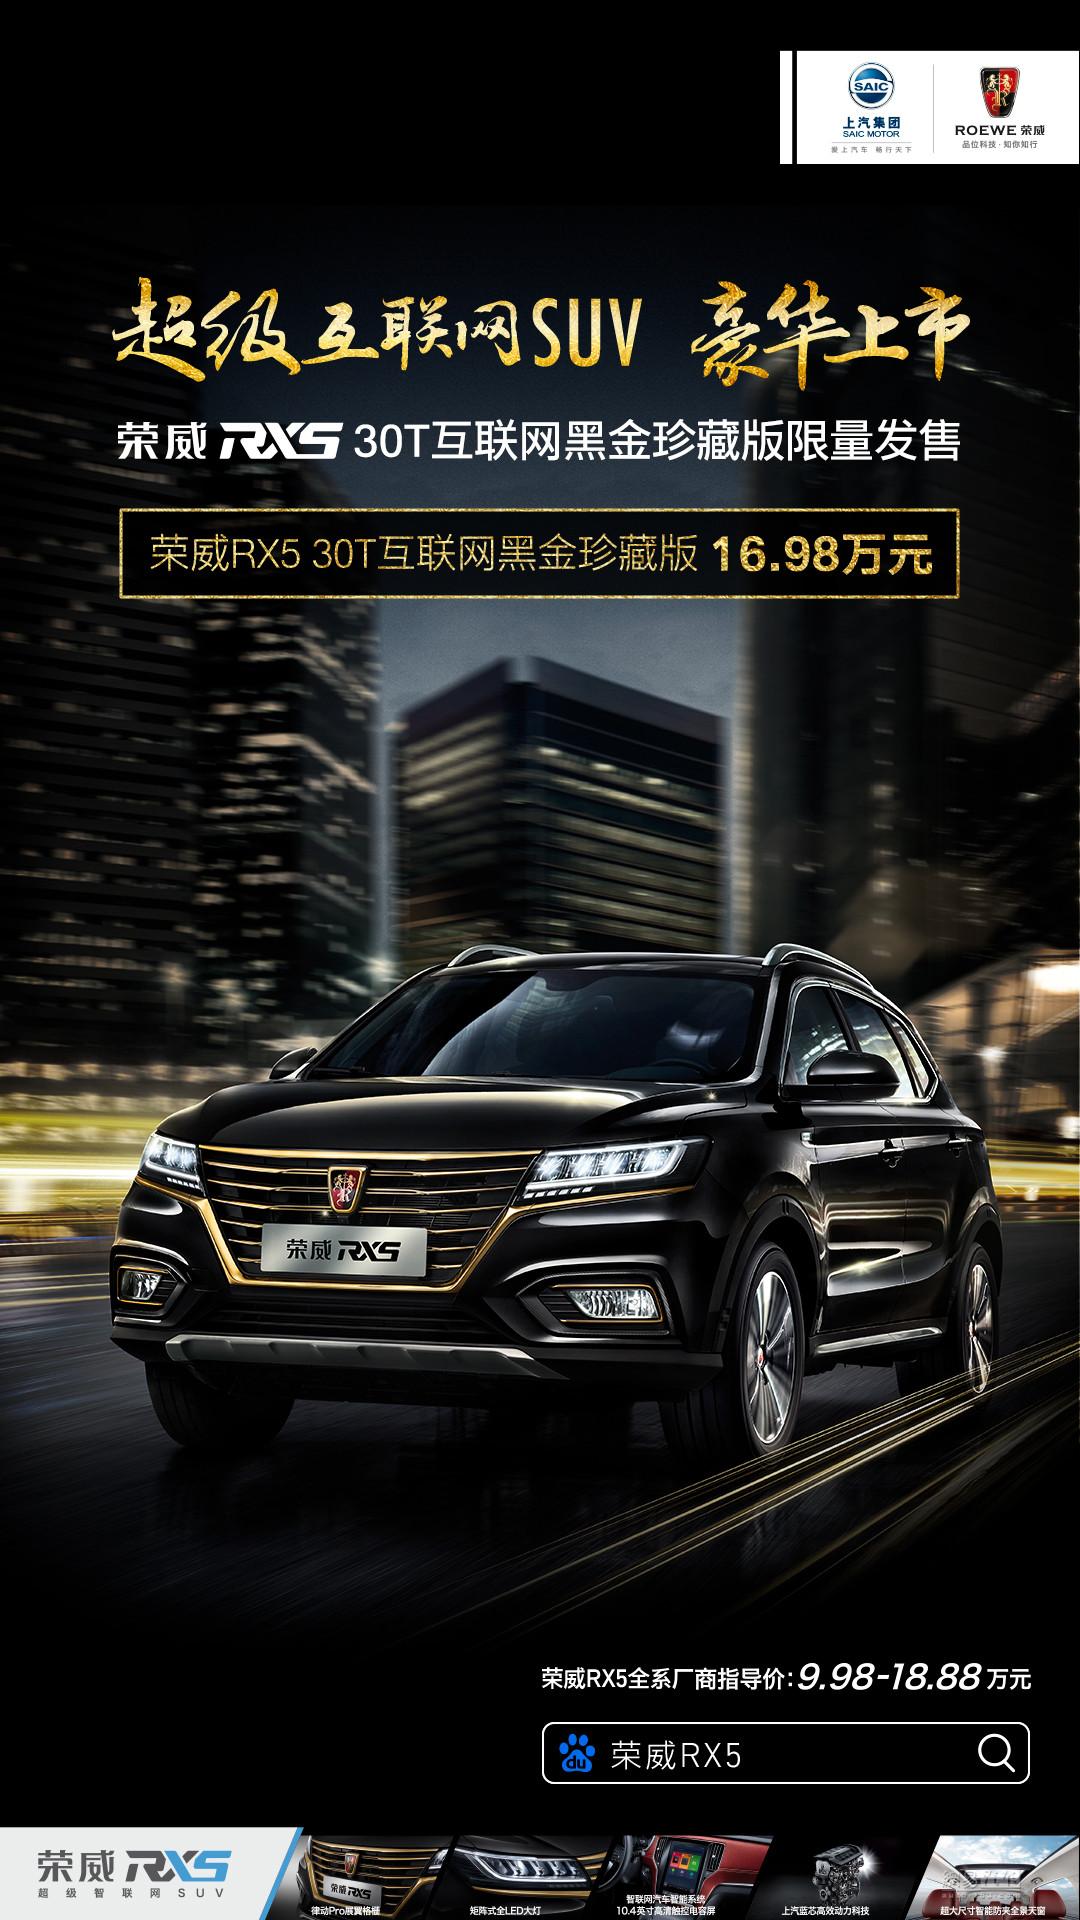 荣威RX5 30T互联网黑金珍藏版售16.98万